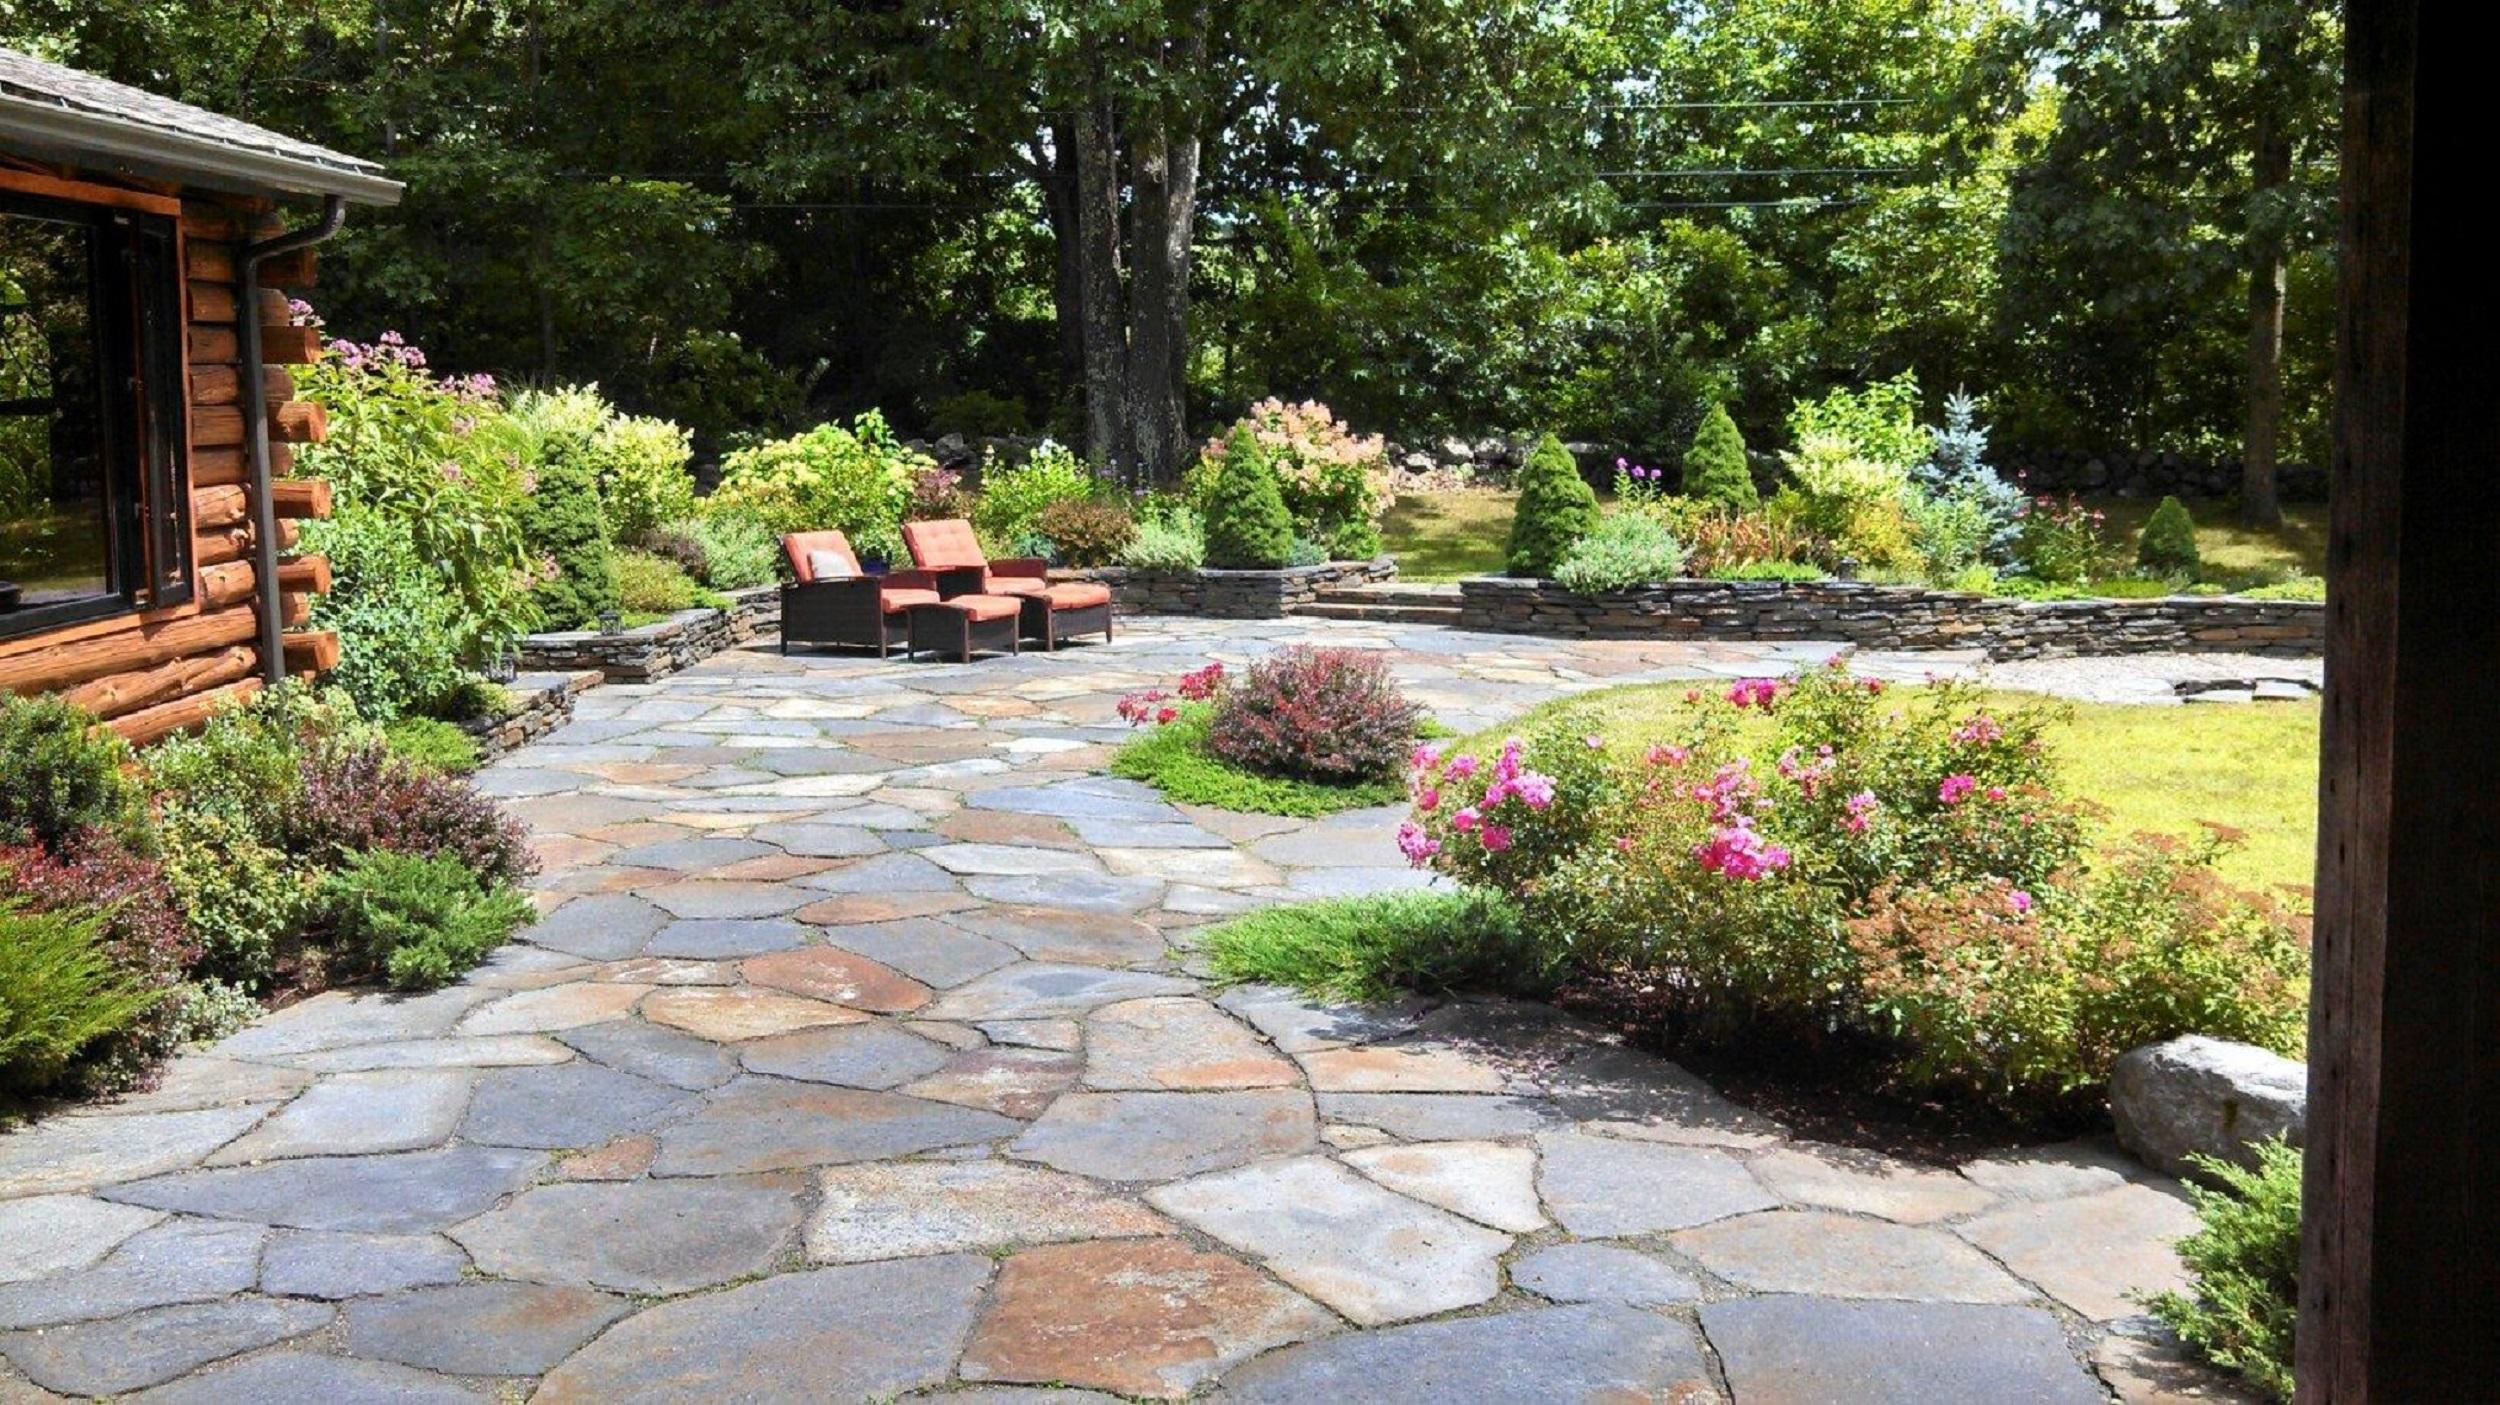 Desgin your own patio | Garden Design for Living